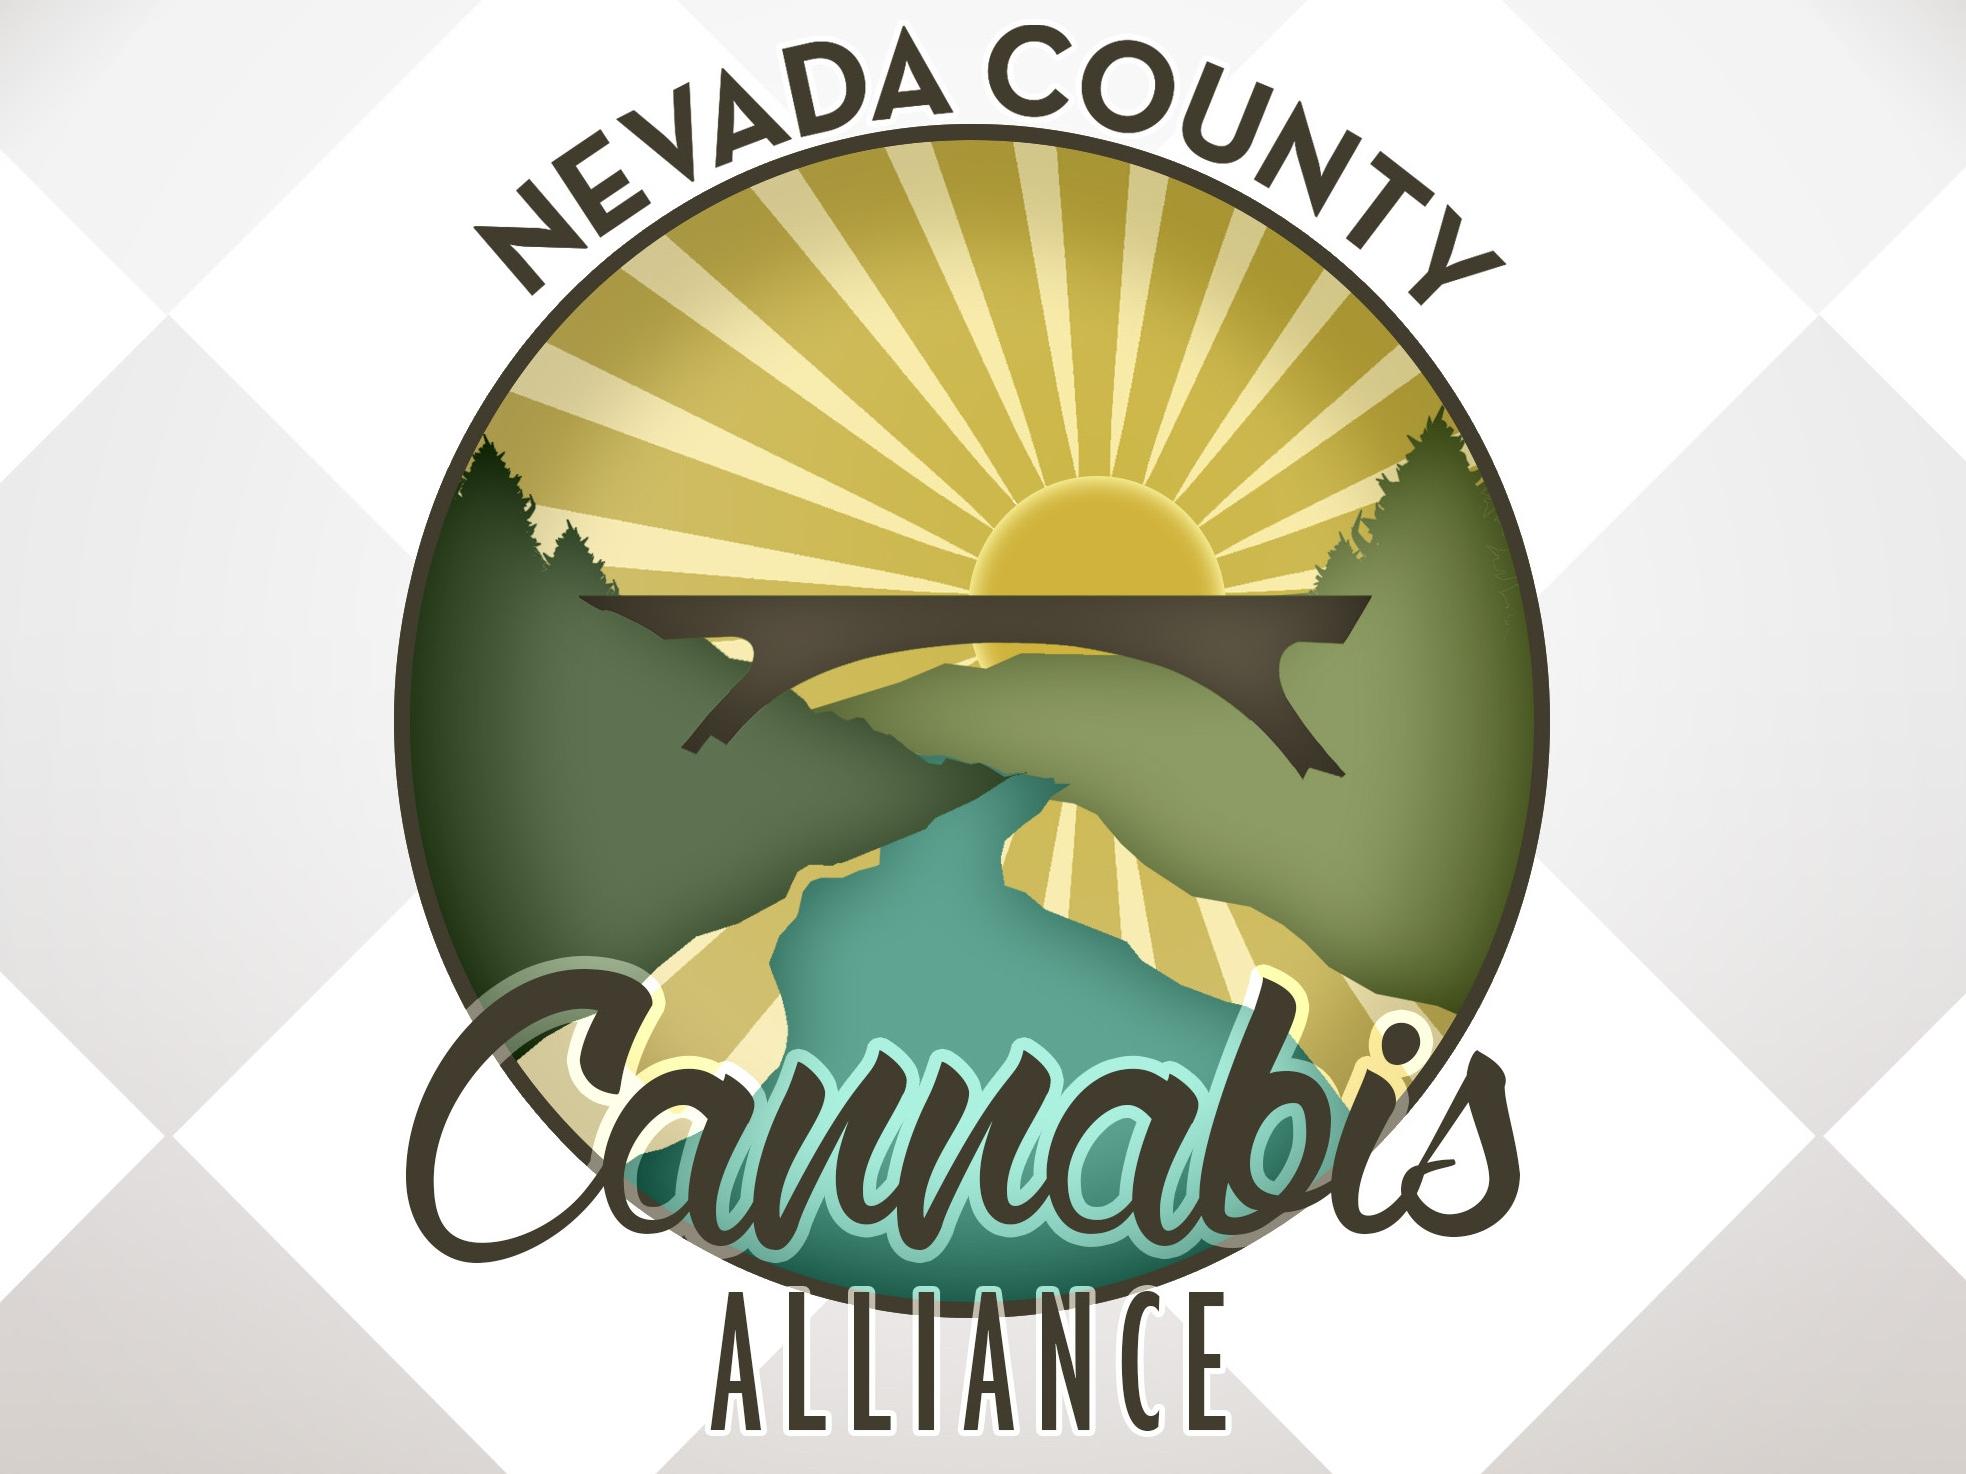 Nevada County Cannabis Alliance